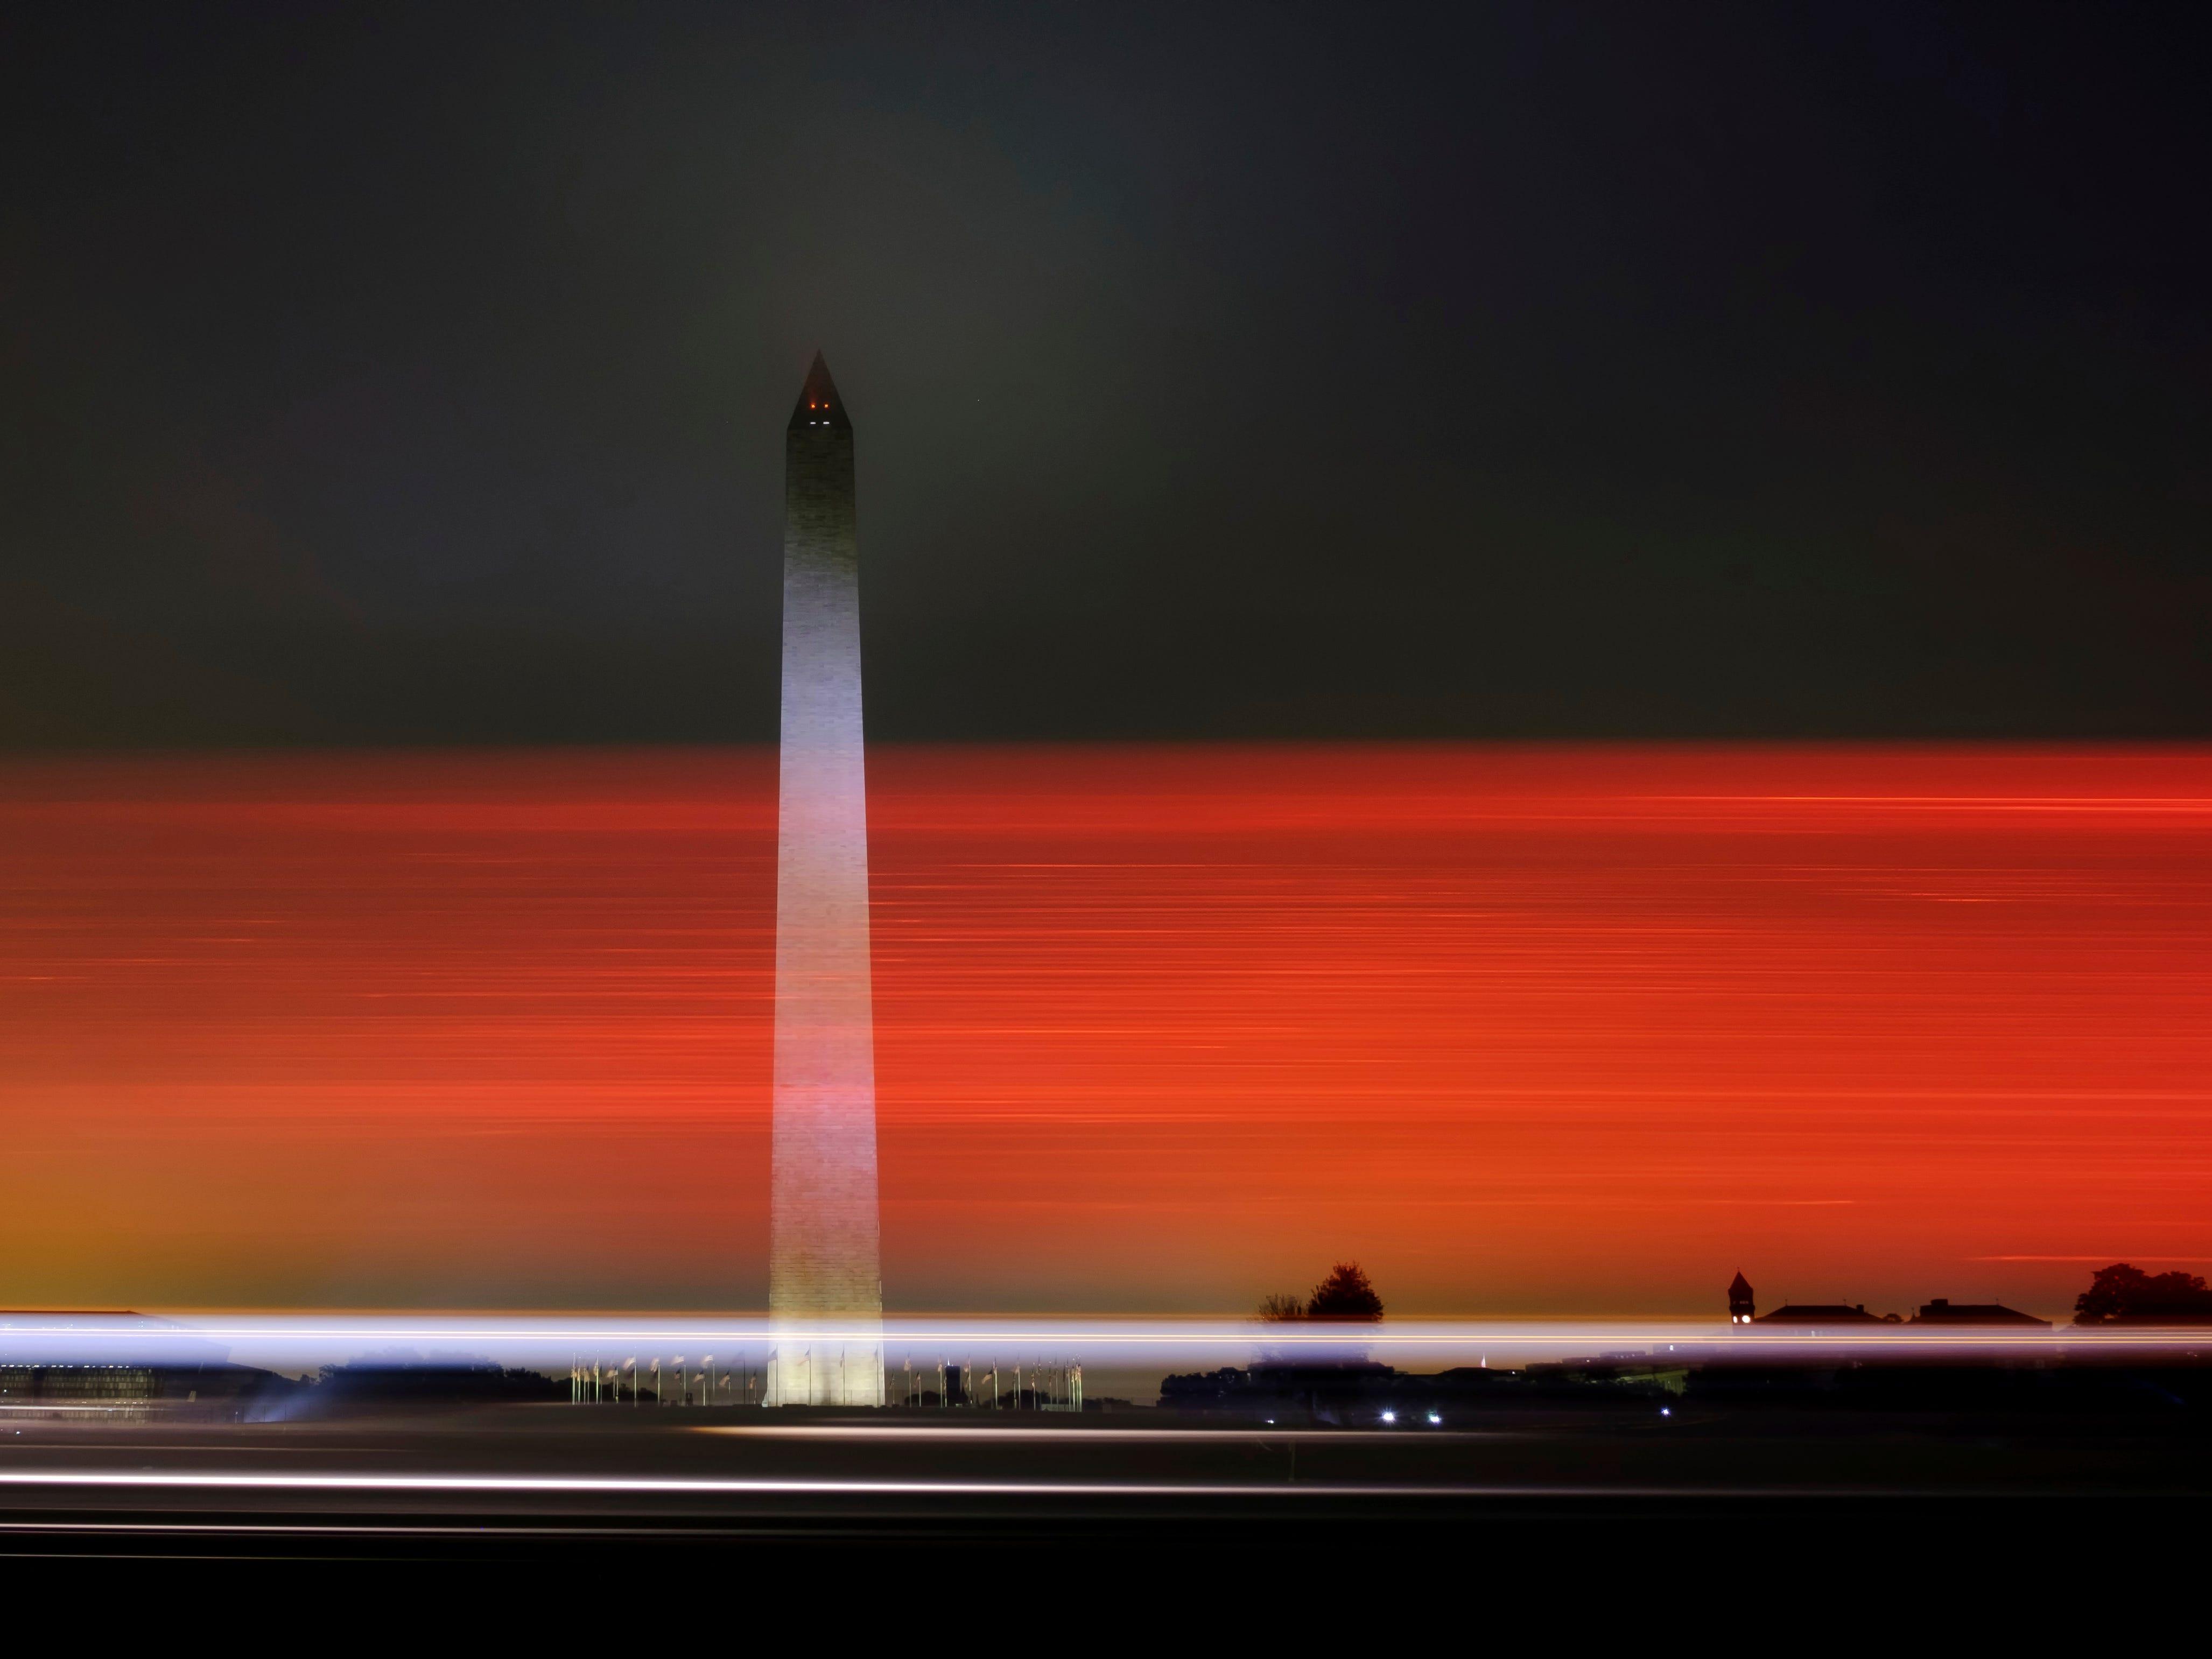 Early morning traffic streaks past the Washington Monument before daybreak Sunday, Oct. 7, 2018, in Washington.